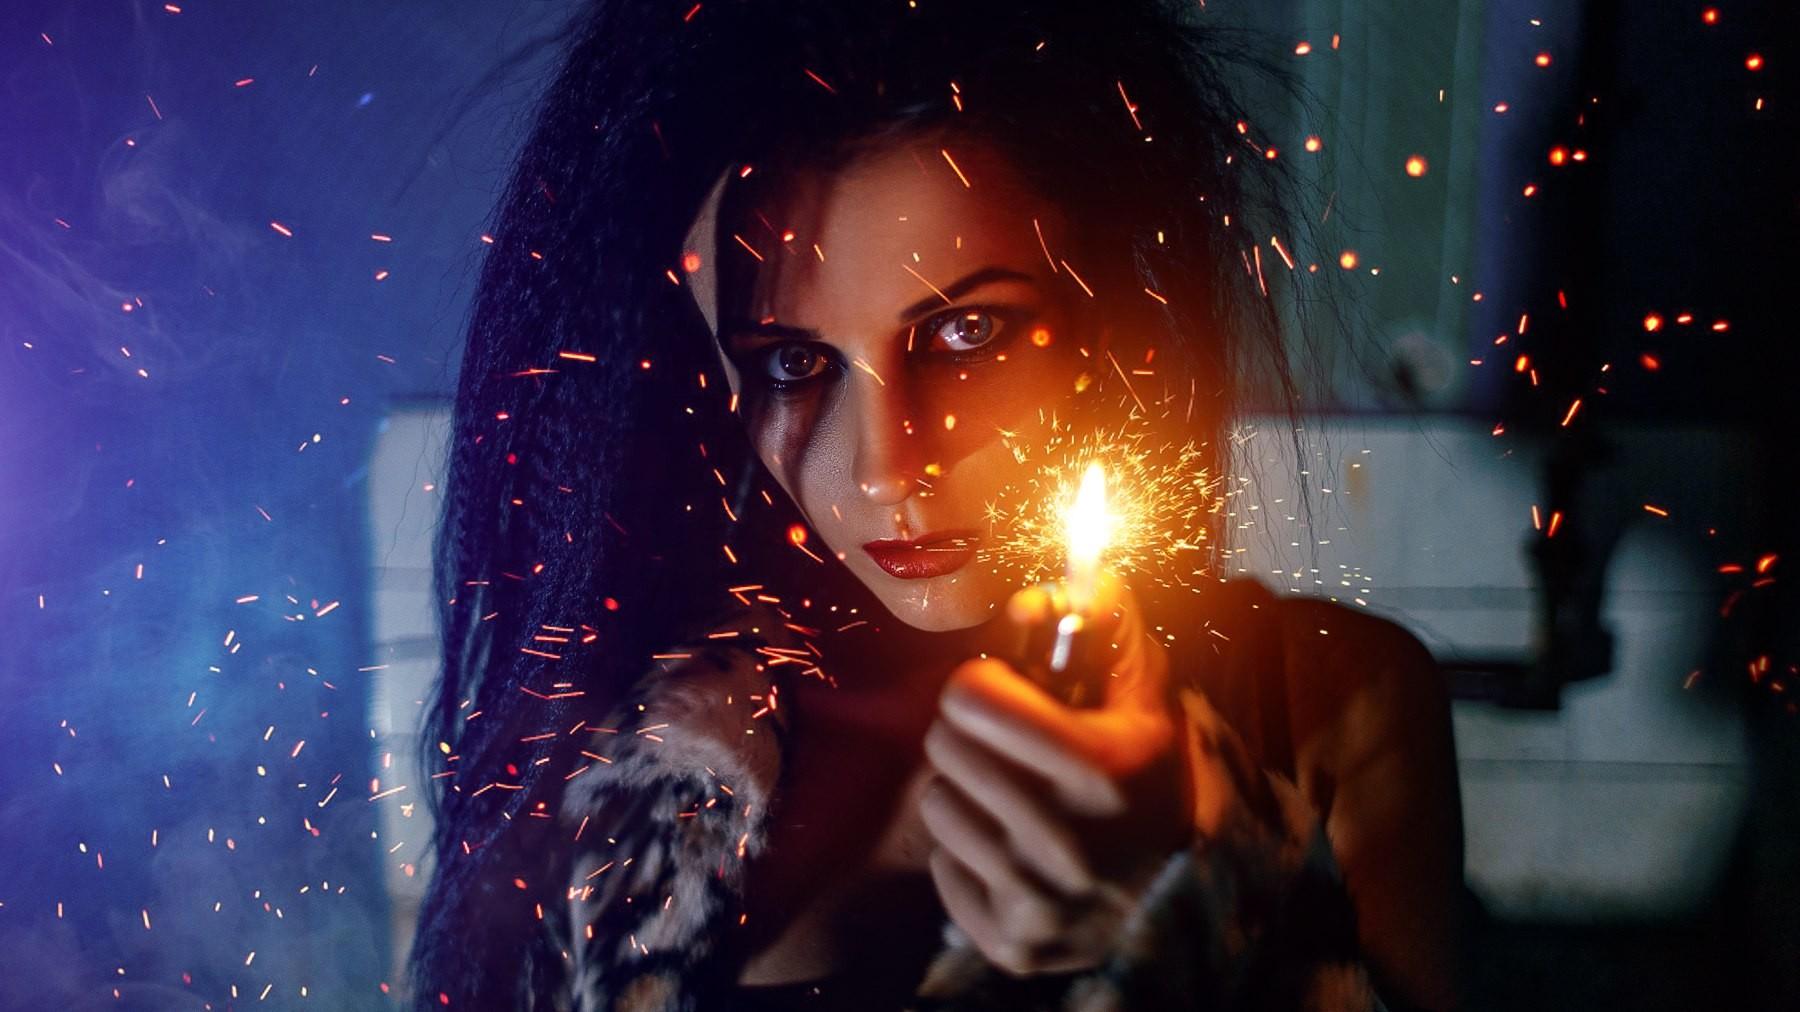 Face Women Night Fire Lighter Light Stage Darkness Screenshot Computer Wallpaper Special Effects